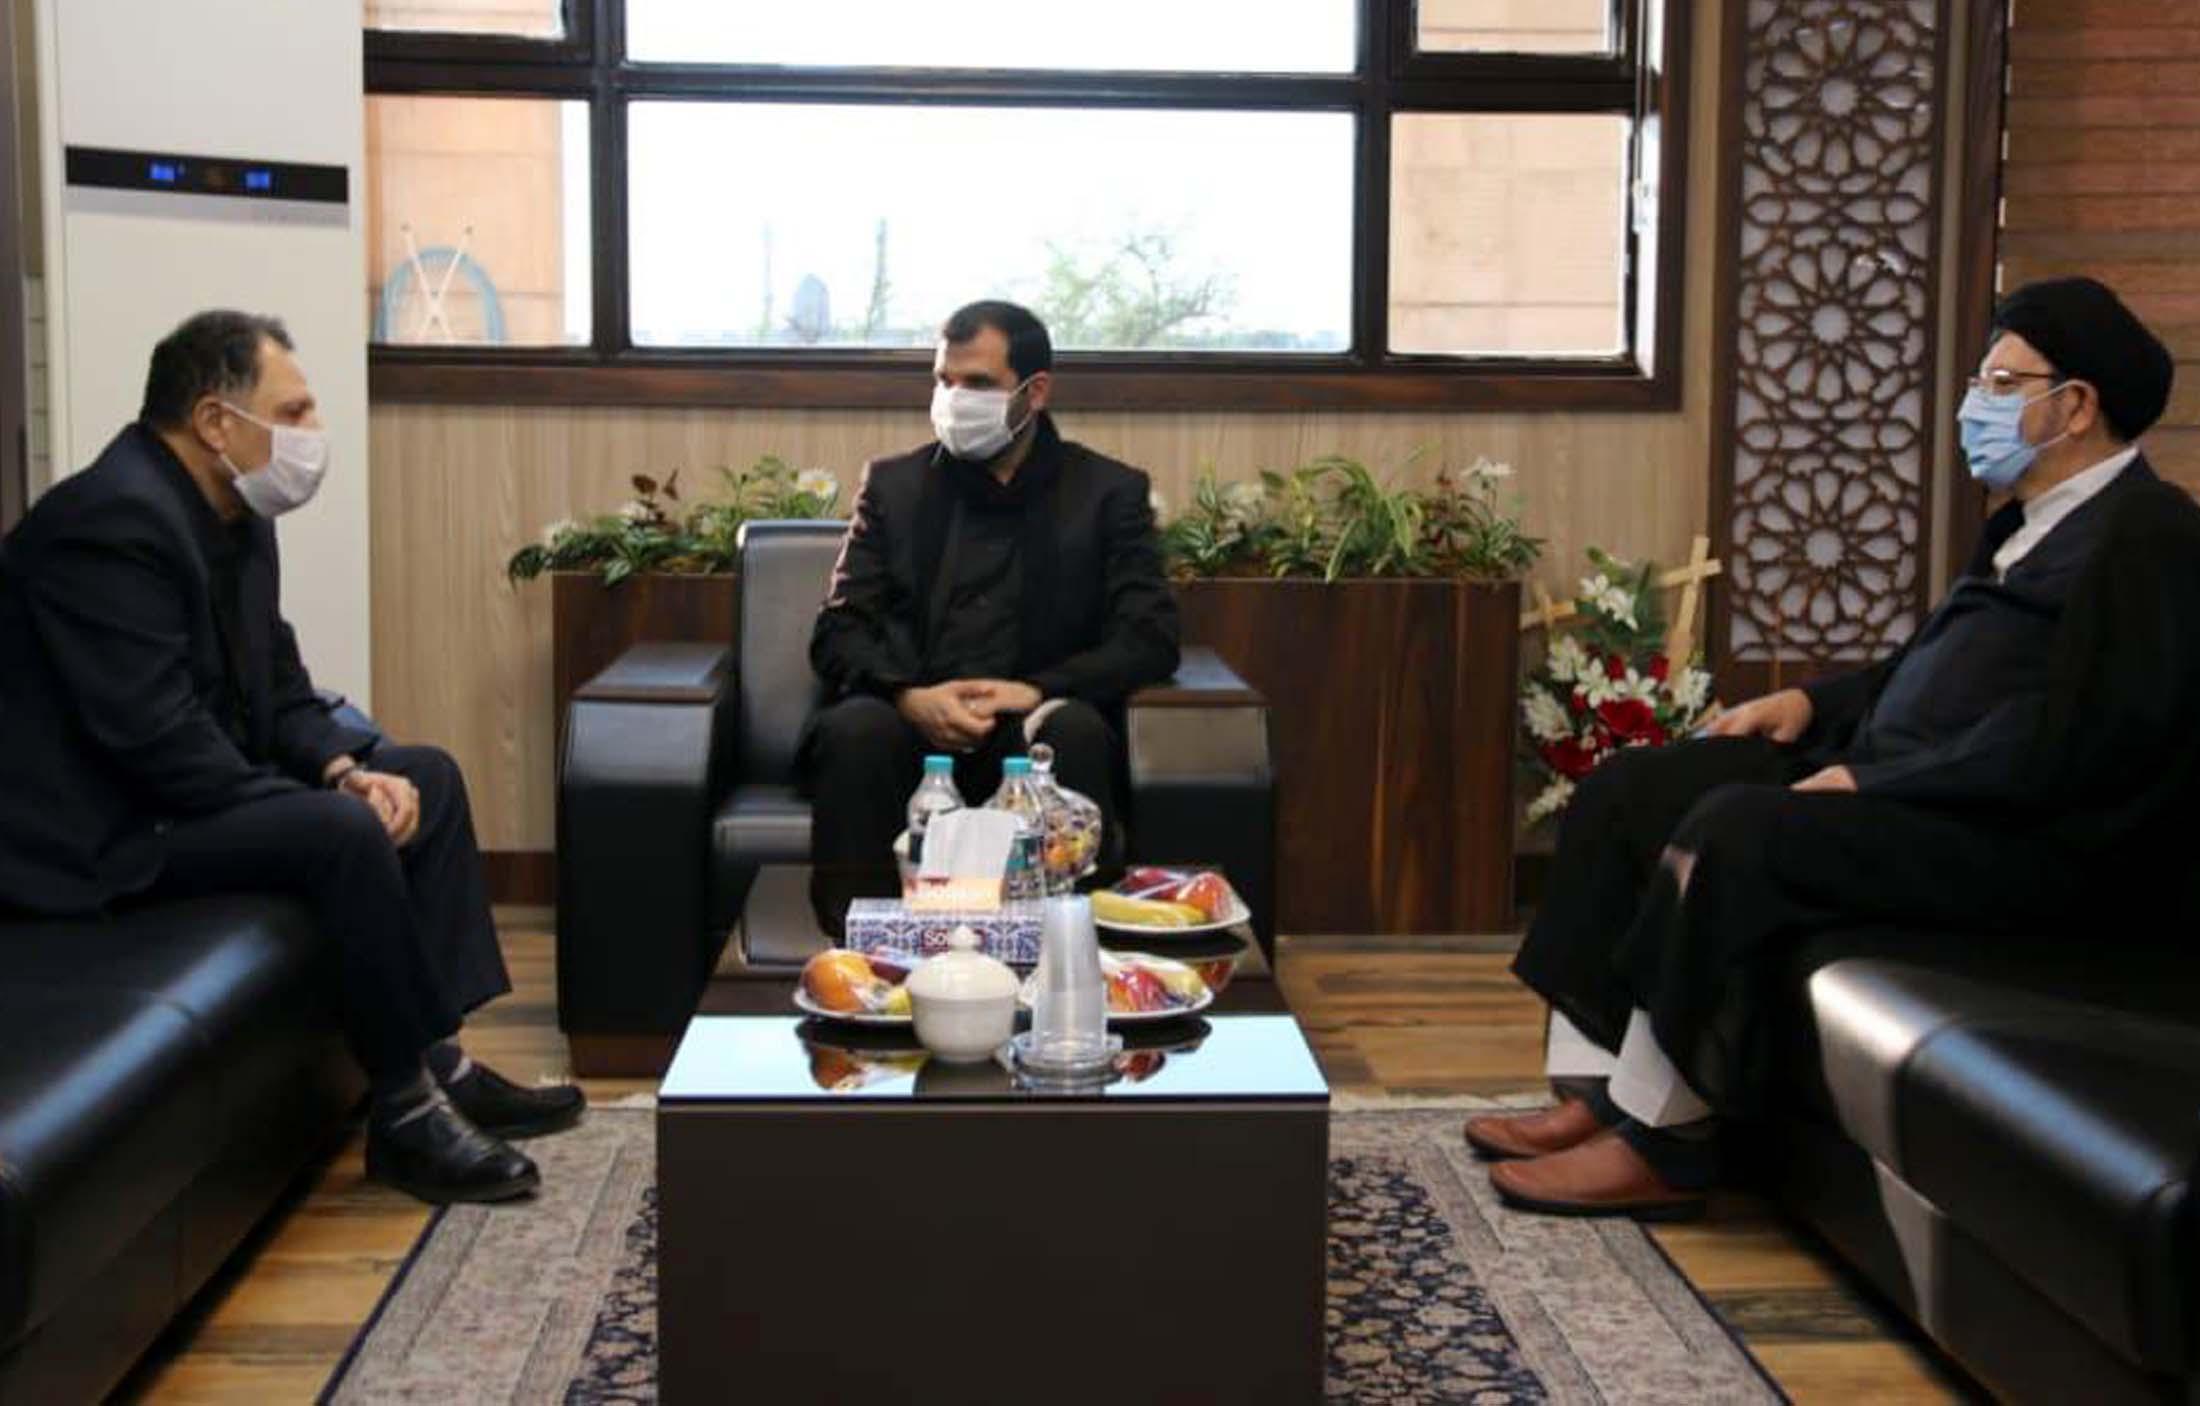 سید احمد آوایی در نشست مشترک امام جمعه و فرماندار دزفول: حفظ وحدت رمز موفقیت دزفول در عرصههای دشوار